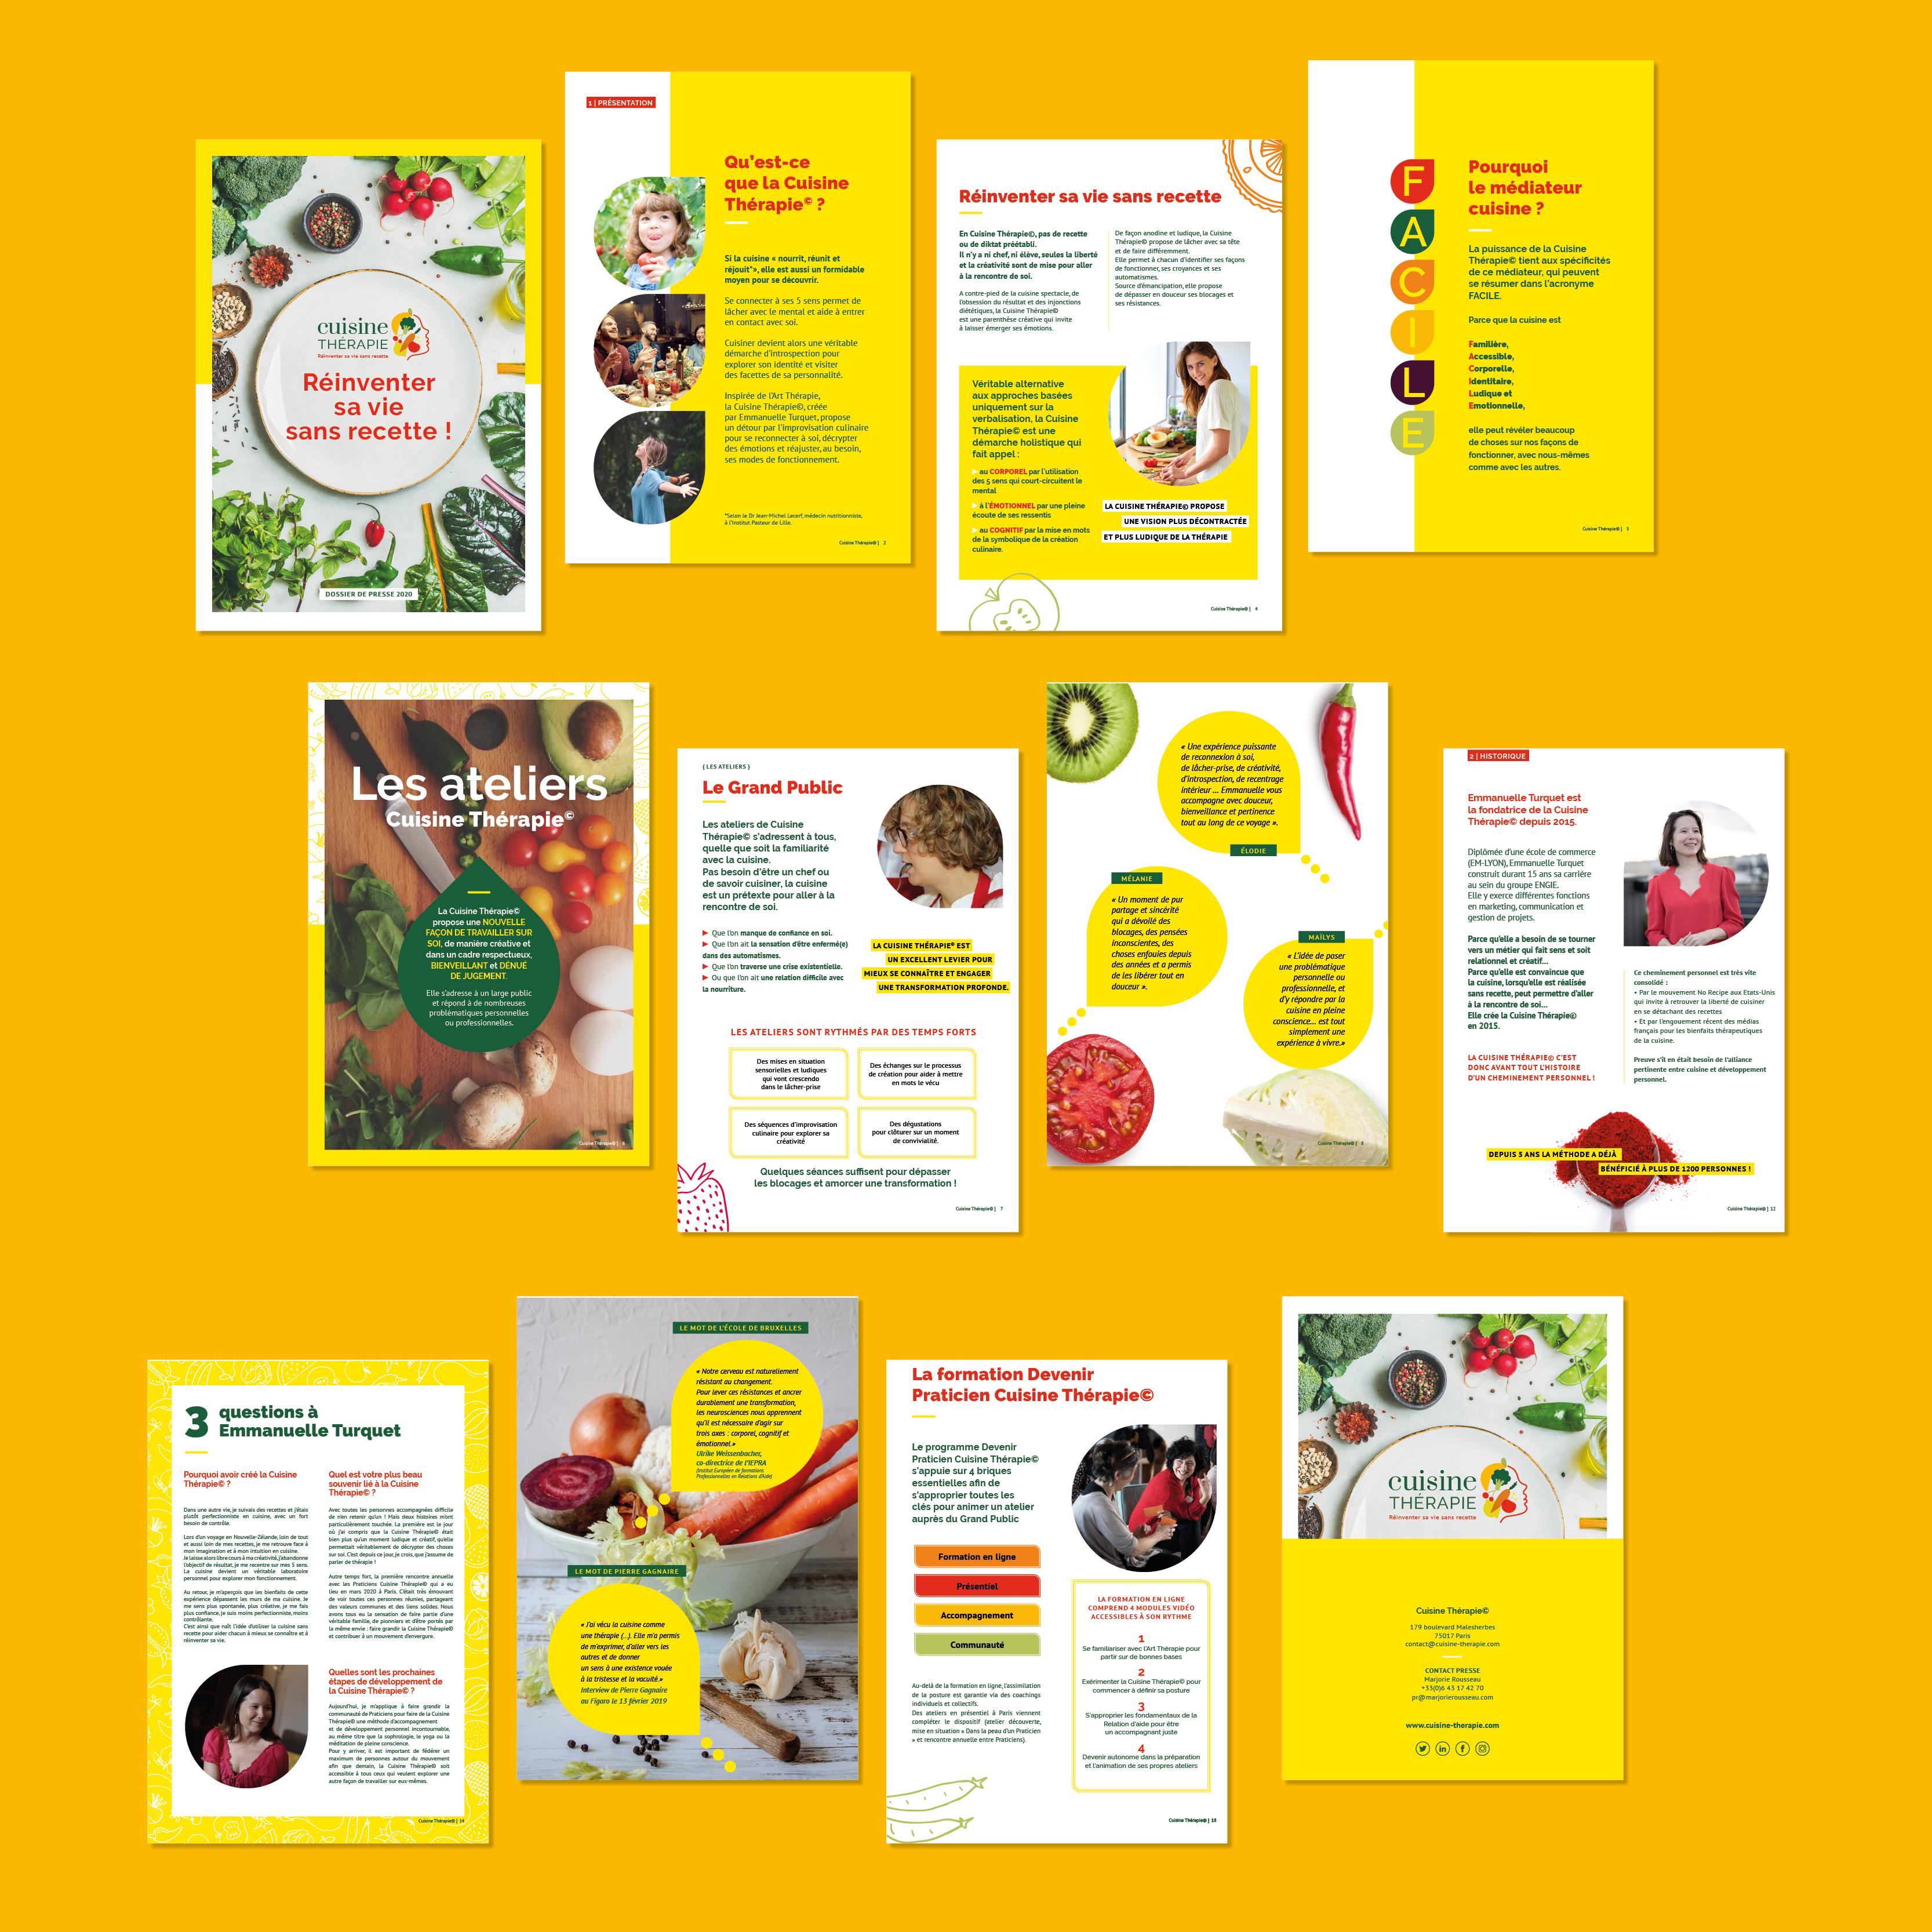 image-portfolio-cuisine-therapie-9